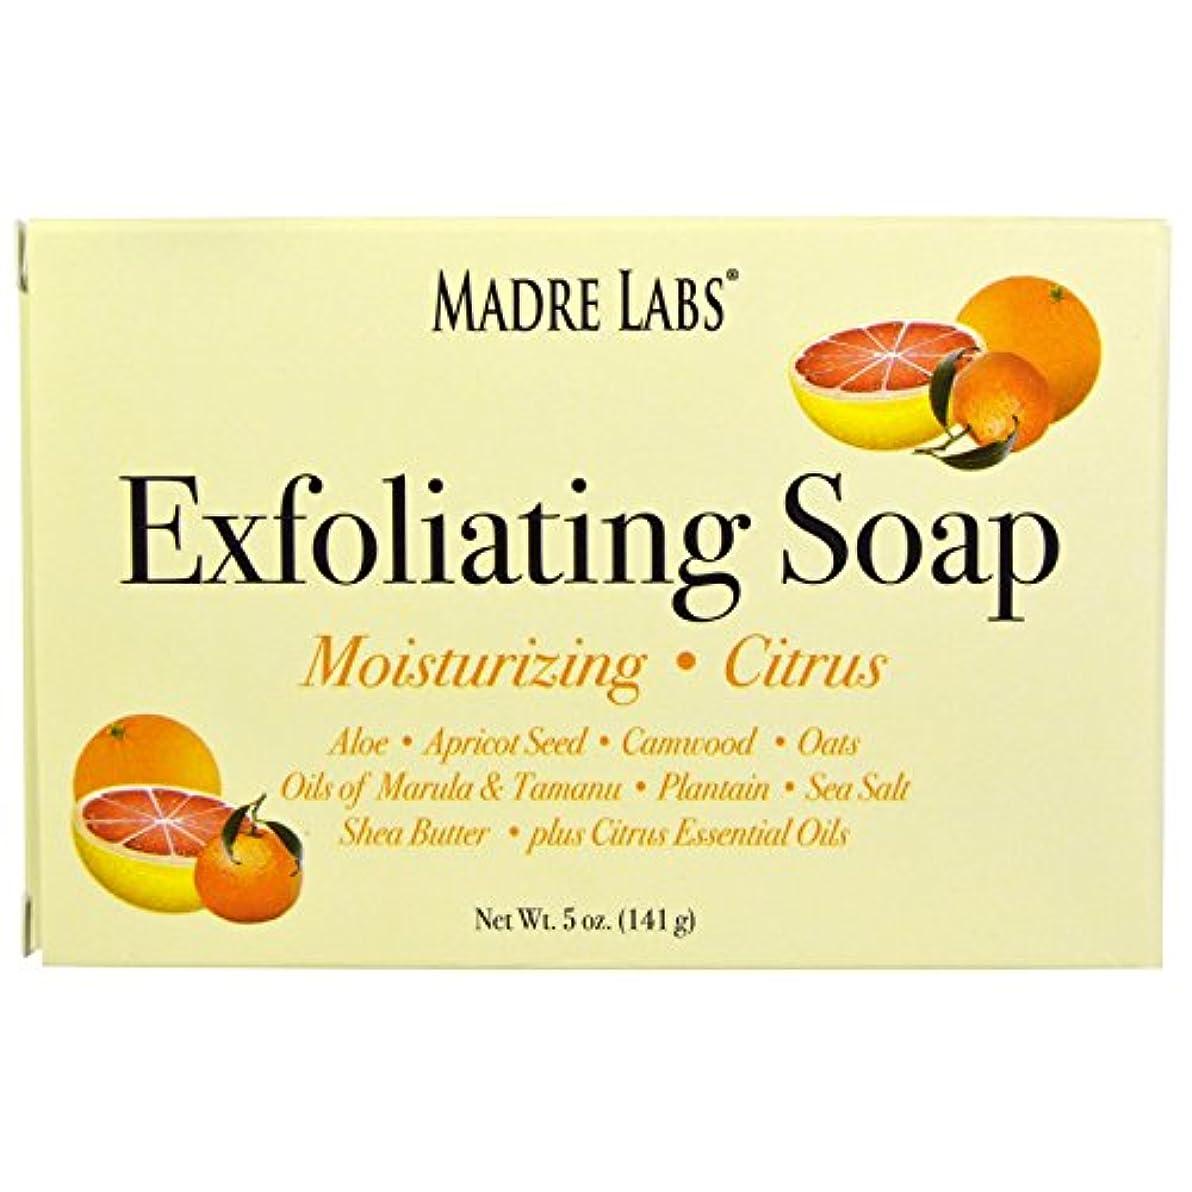 正直浴宅配便マドレラブ シアバター入り石鹸 柑橘フレーバー Madre Labs Exfoliating Soap Bar with Marula & Tamanu Oils plus Shea Butter